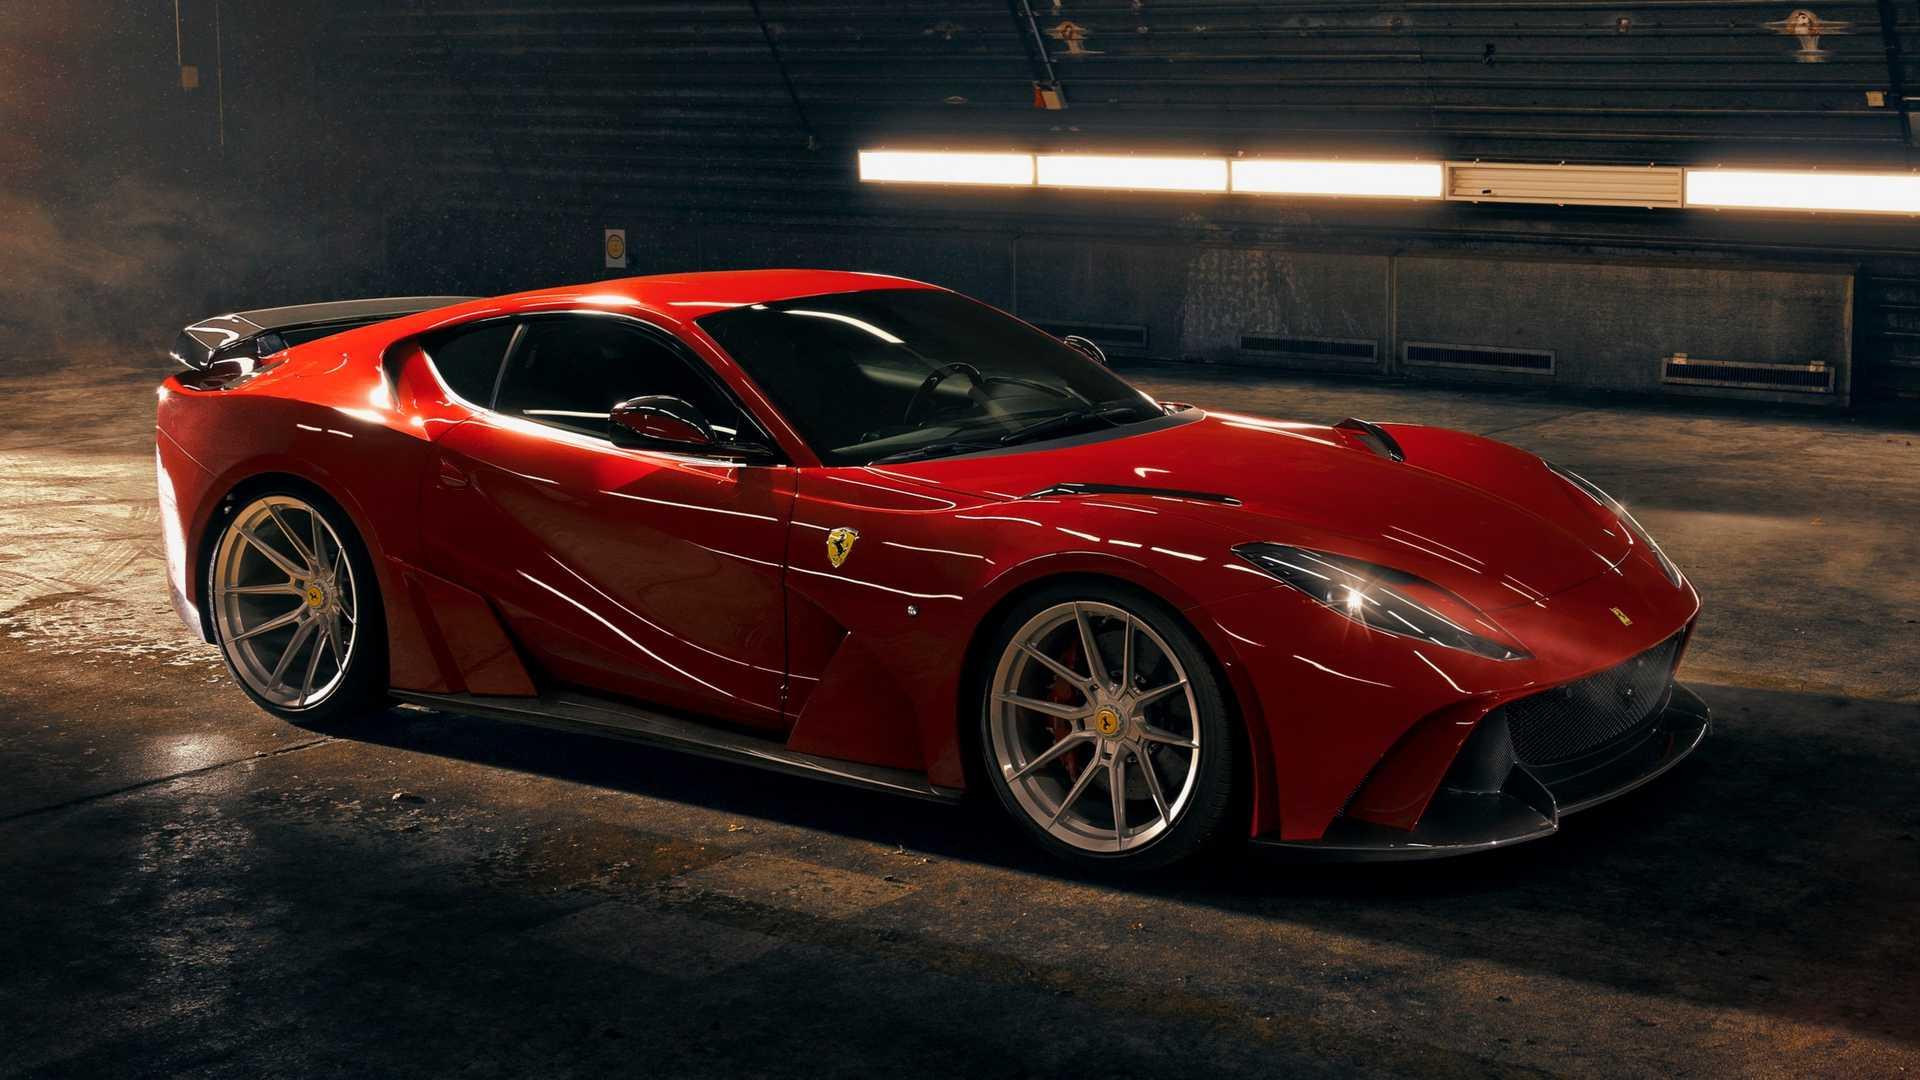 Немецкий тюнер Novitec на днях представил комплексную программу персонализации Ferrari 812 Superfast